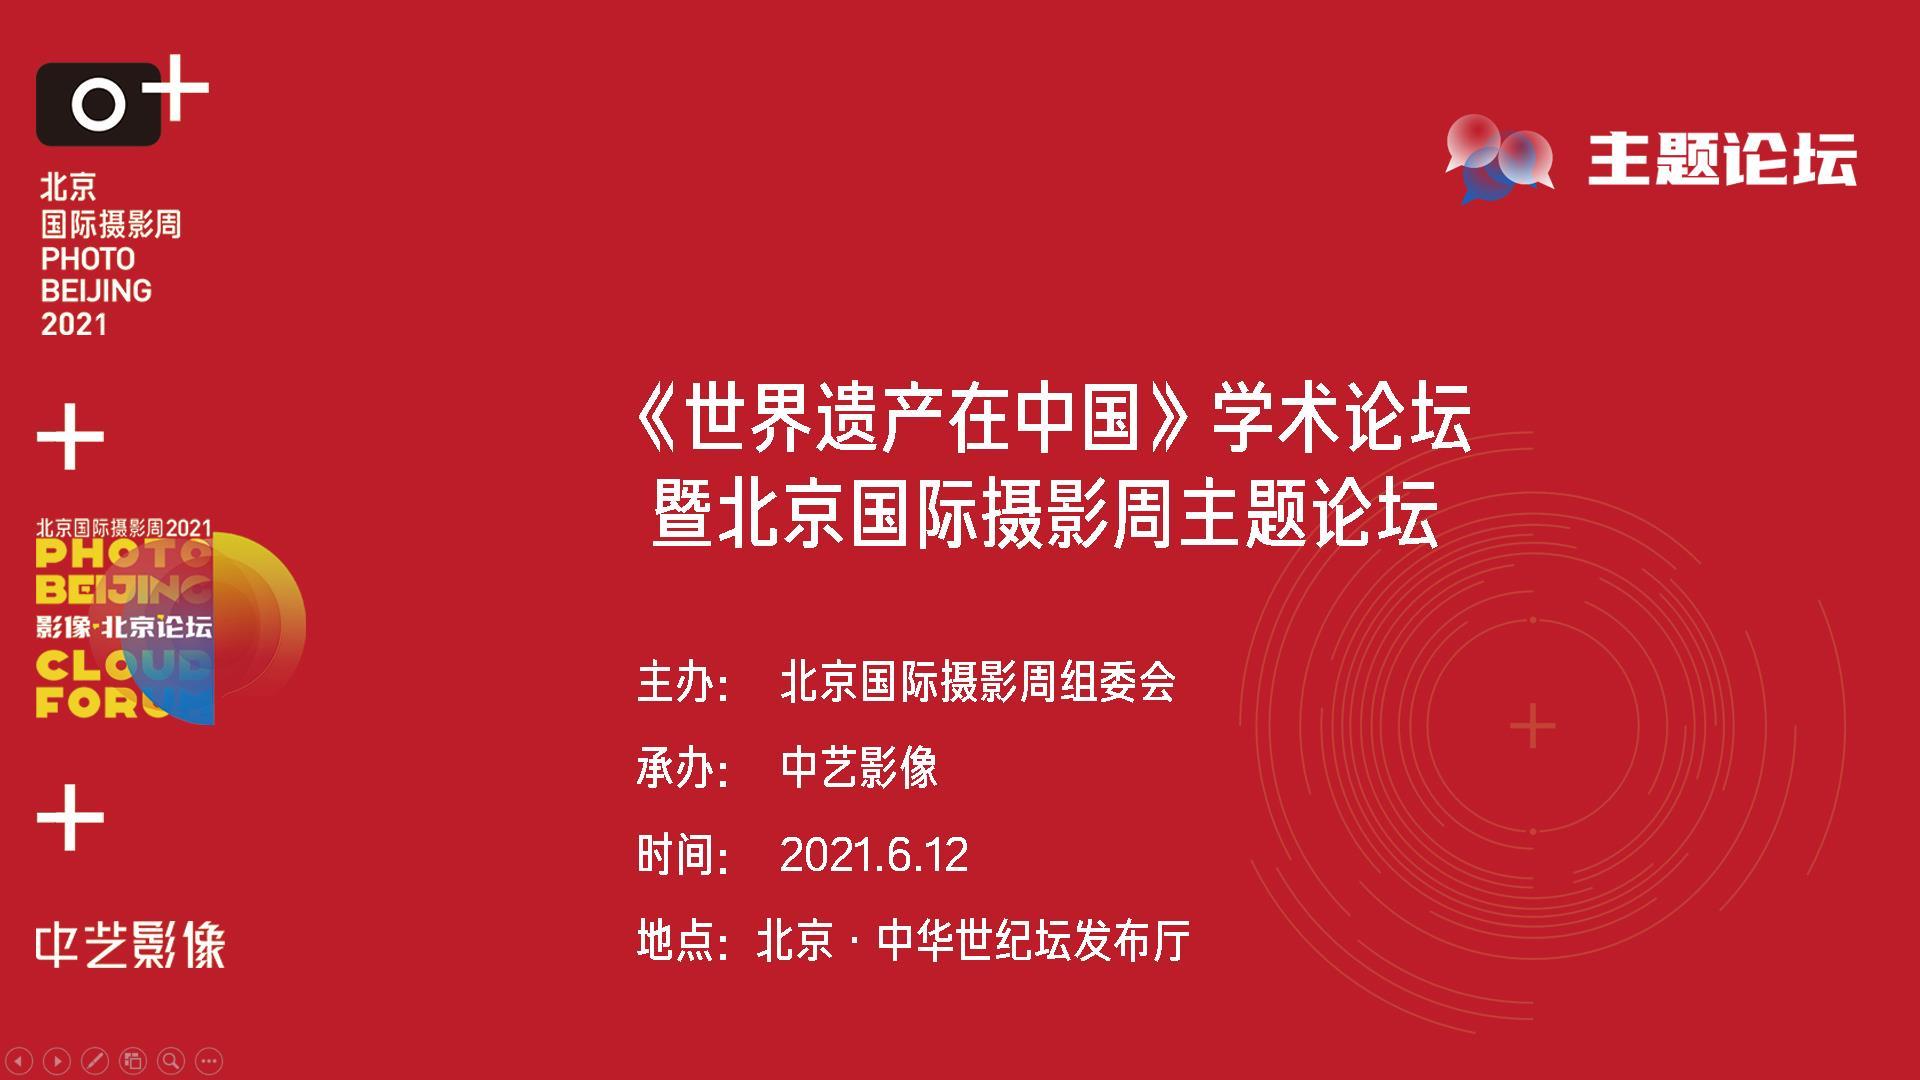 北京国际摄影周《世界遗产在中国》学术论坛